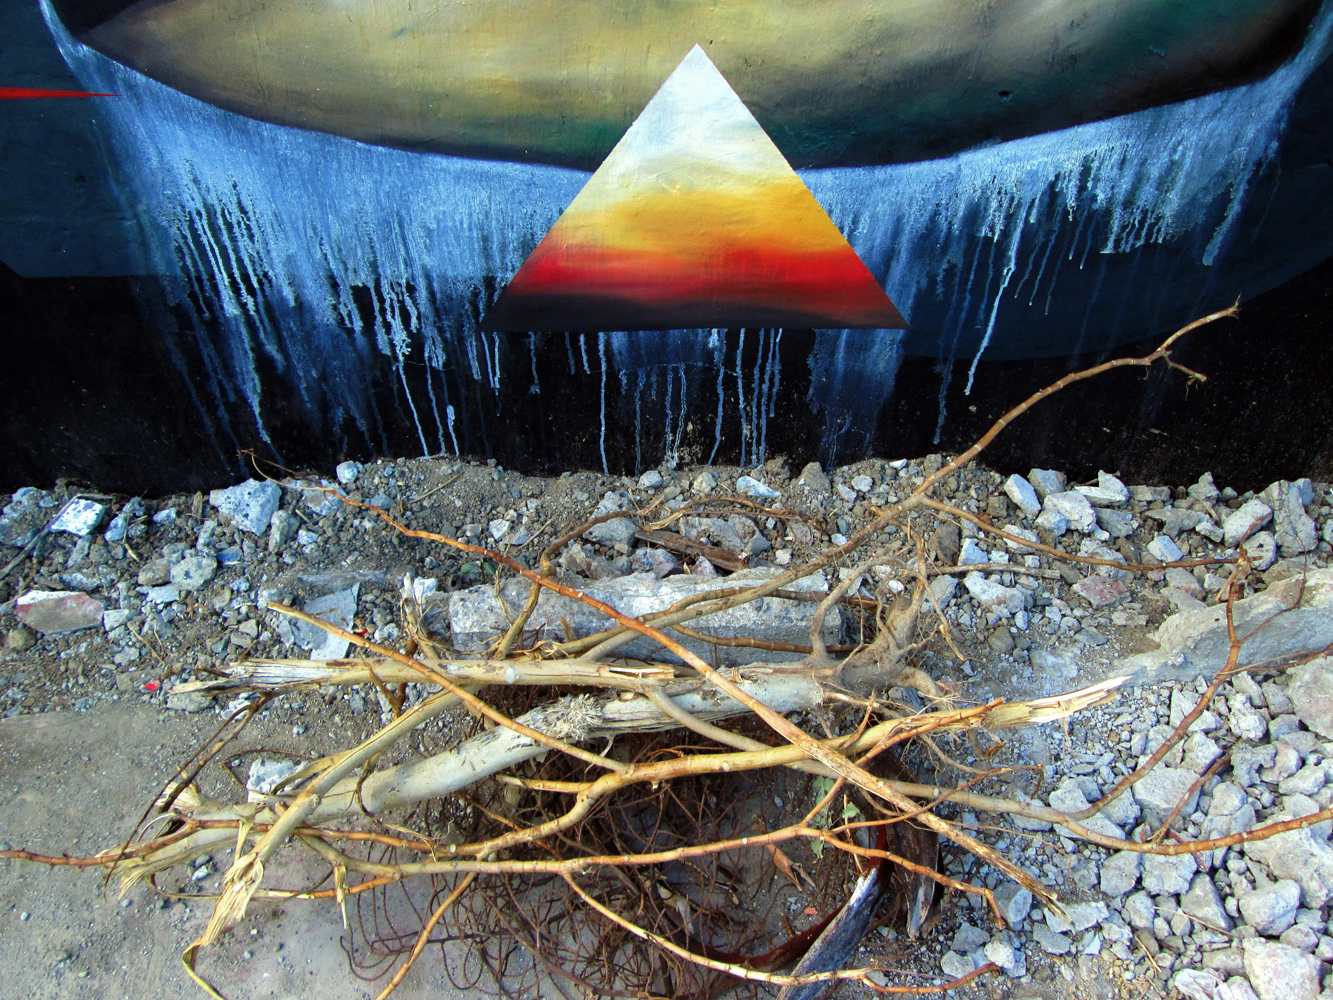 crist-espiritu-sparrow-2-0-new-mural-in-philippines-07